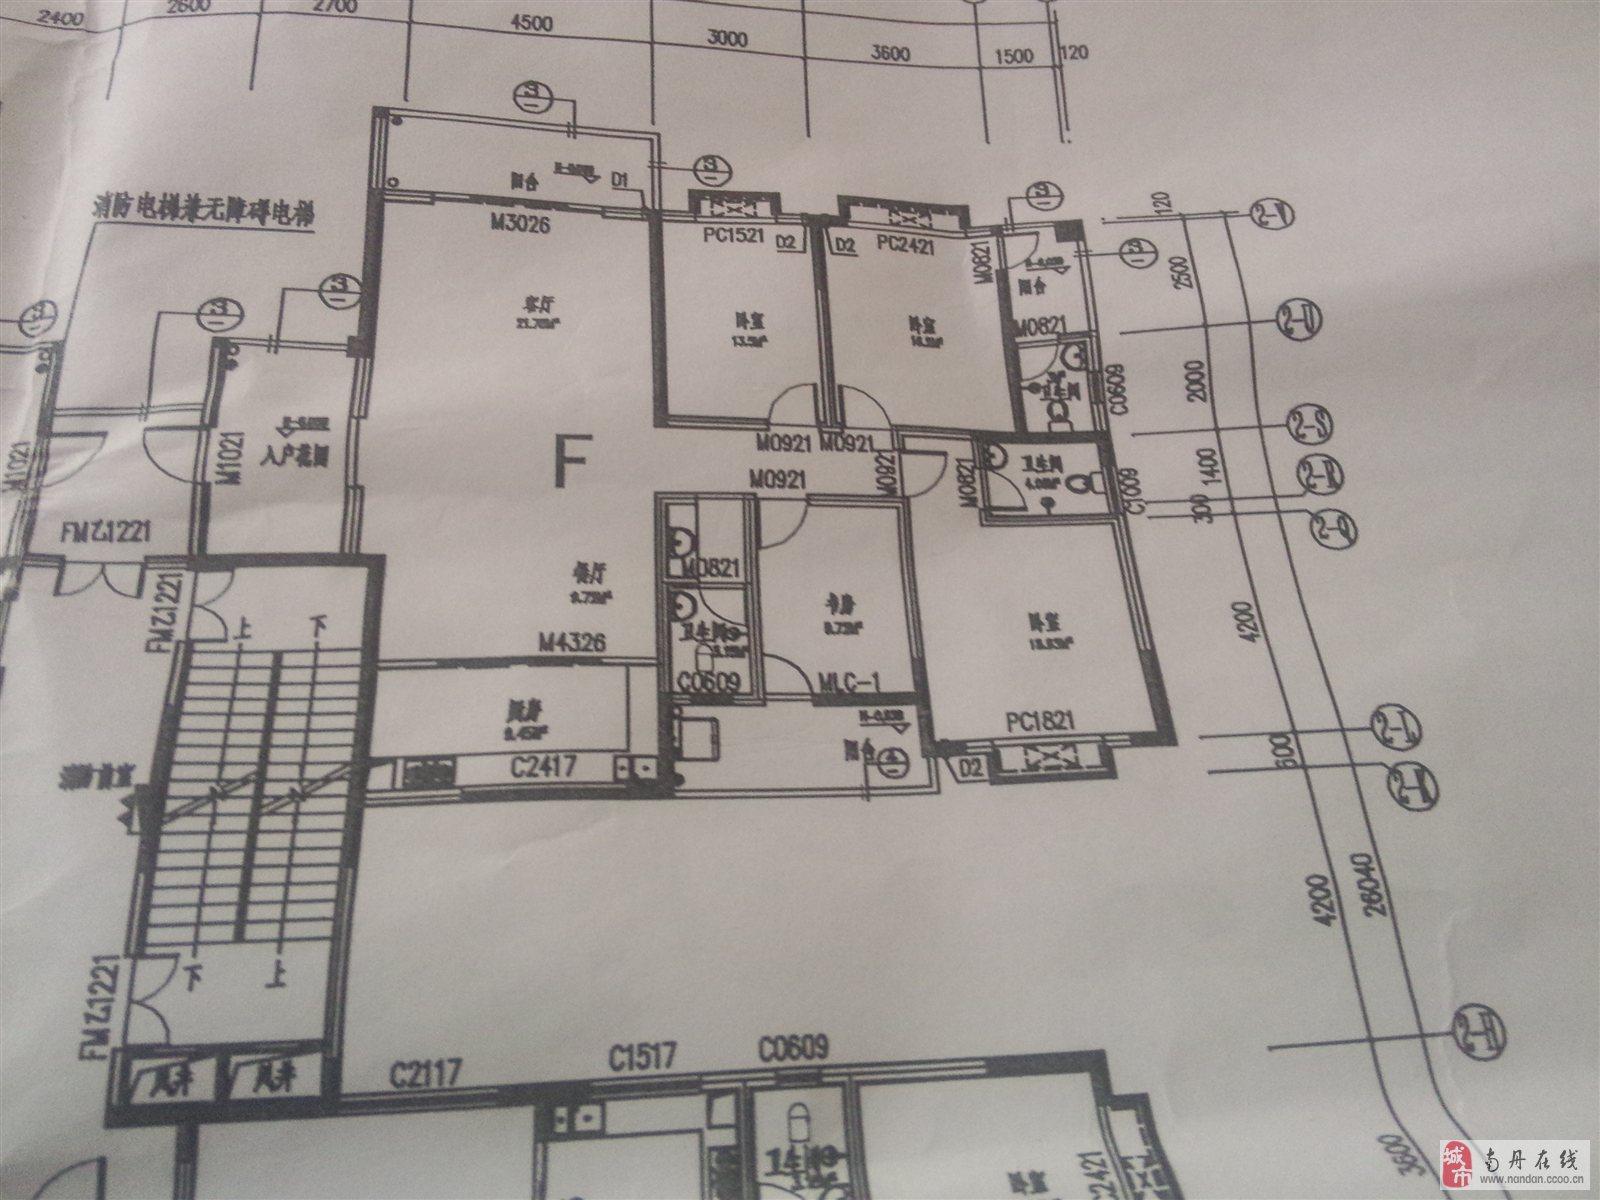 楼层水电预埋图纸